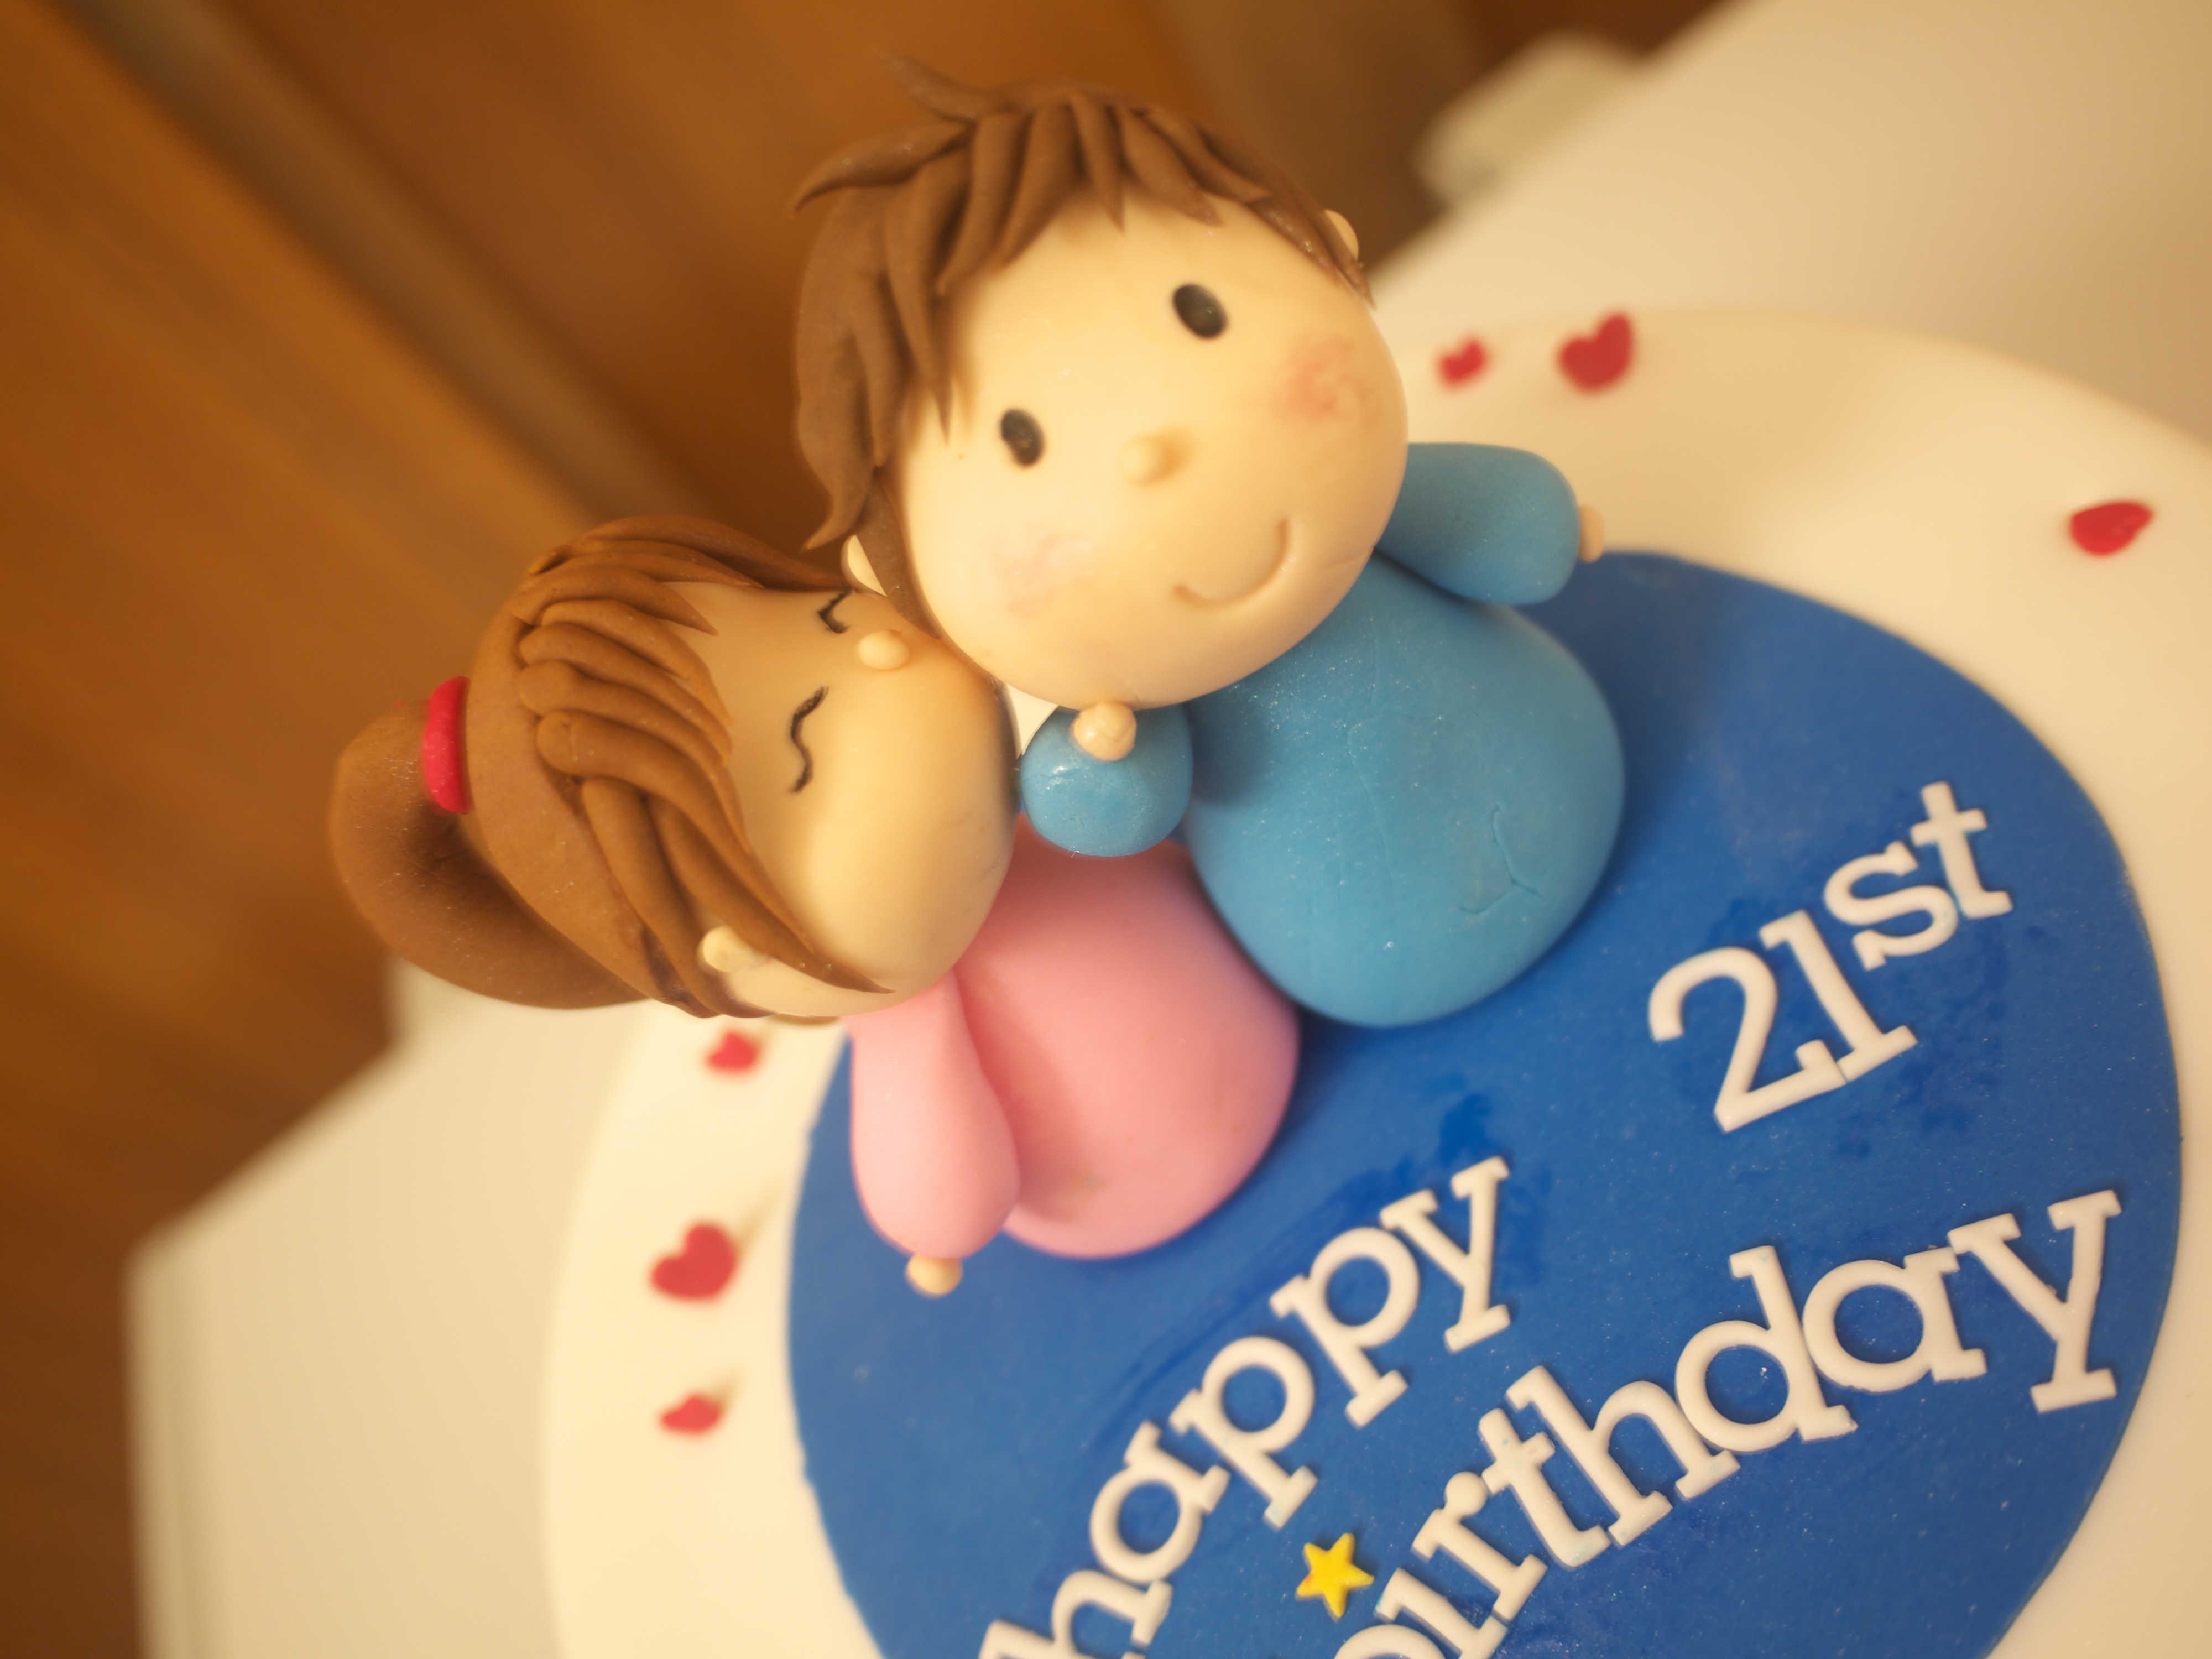 Xiao by Crustz  Boyfriend Birthday Cake